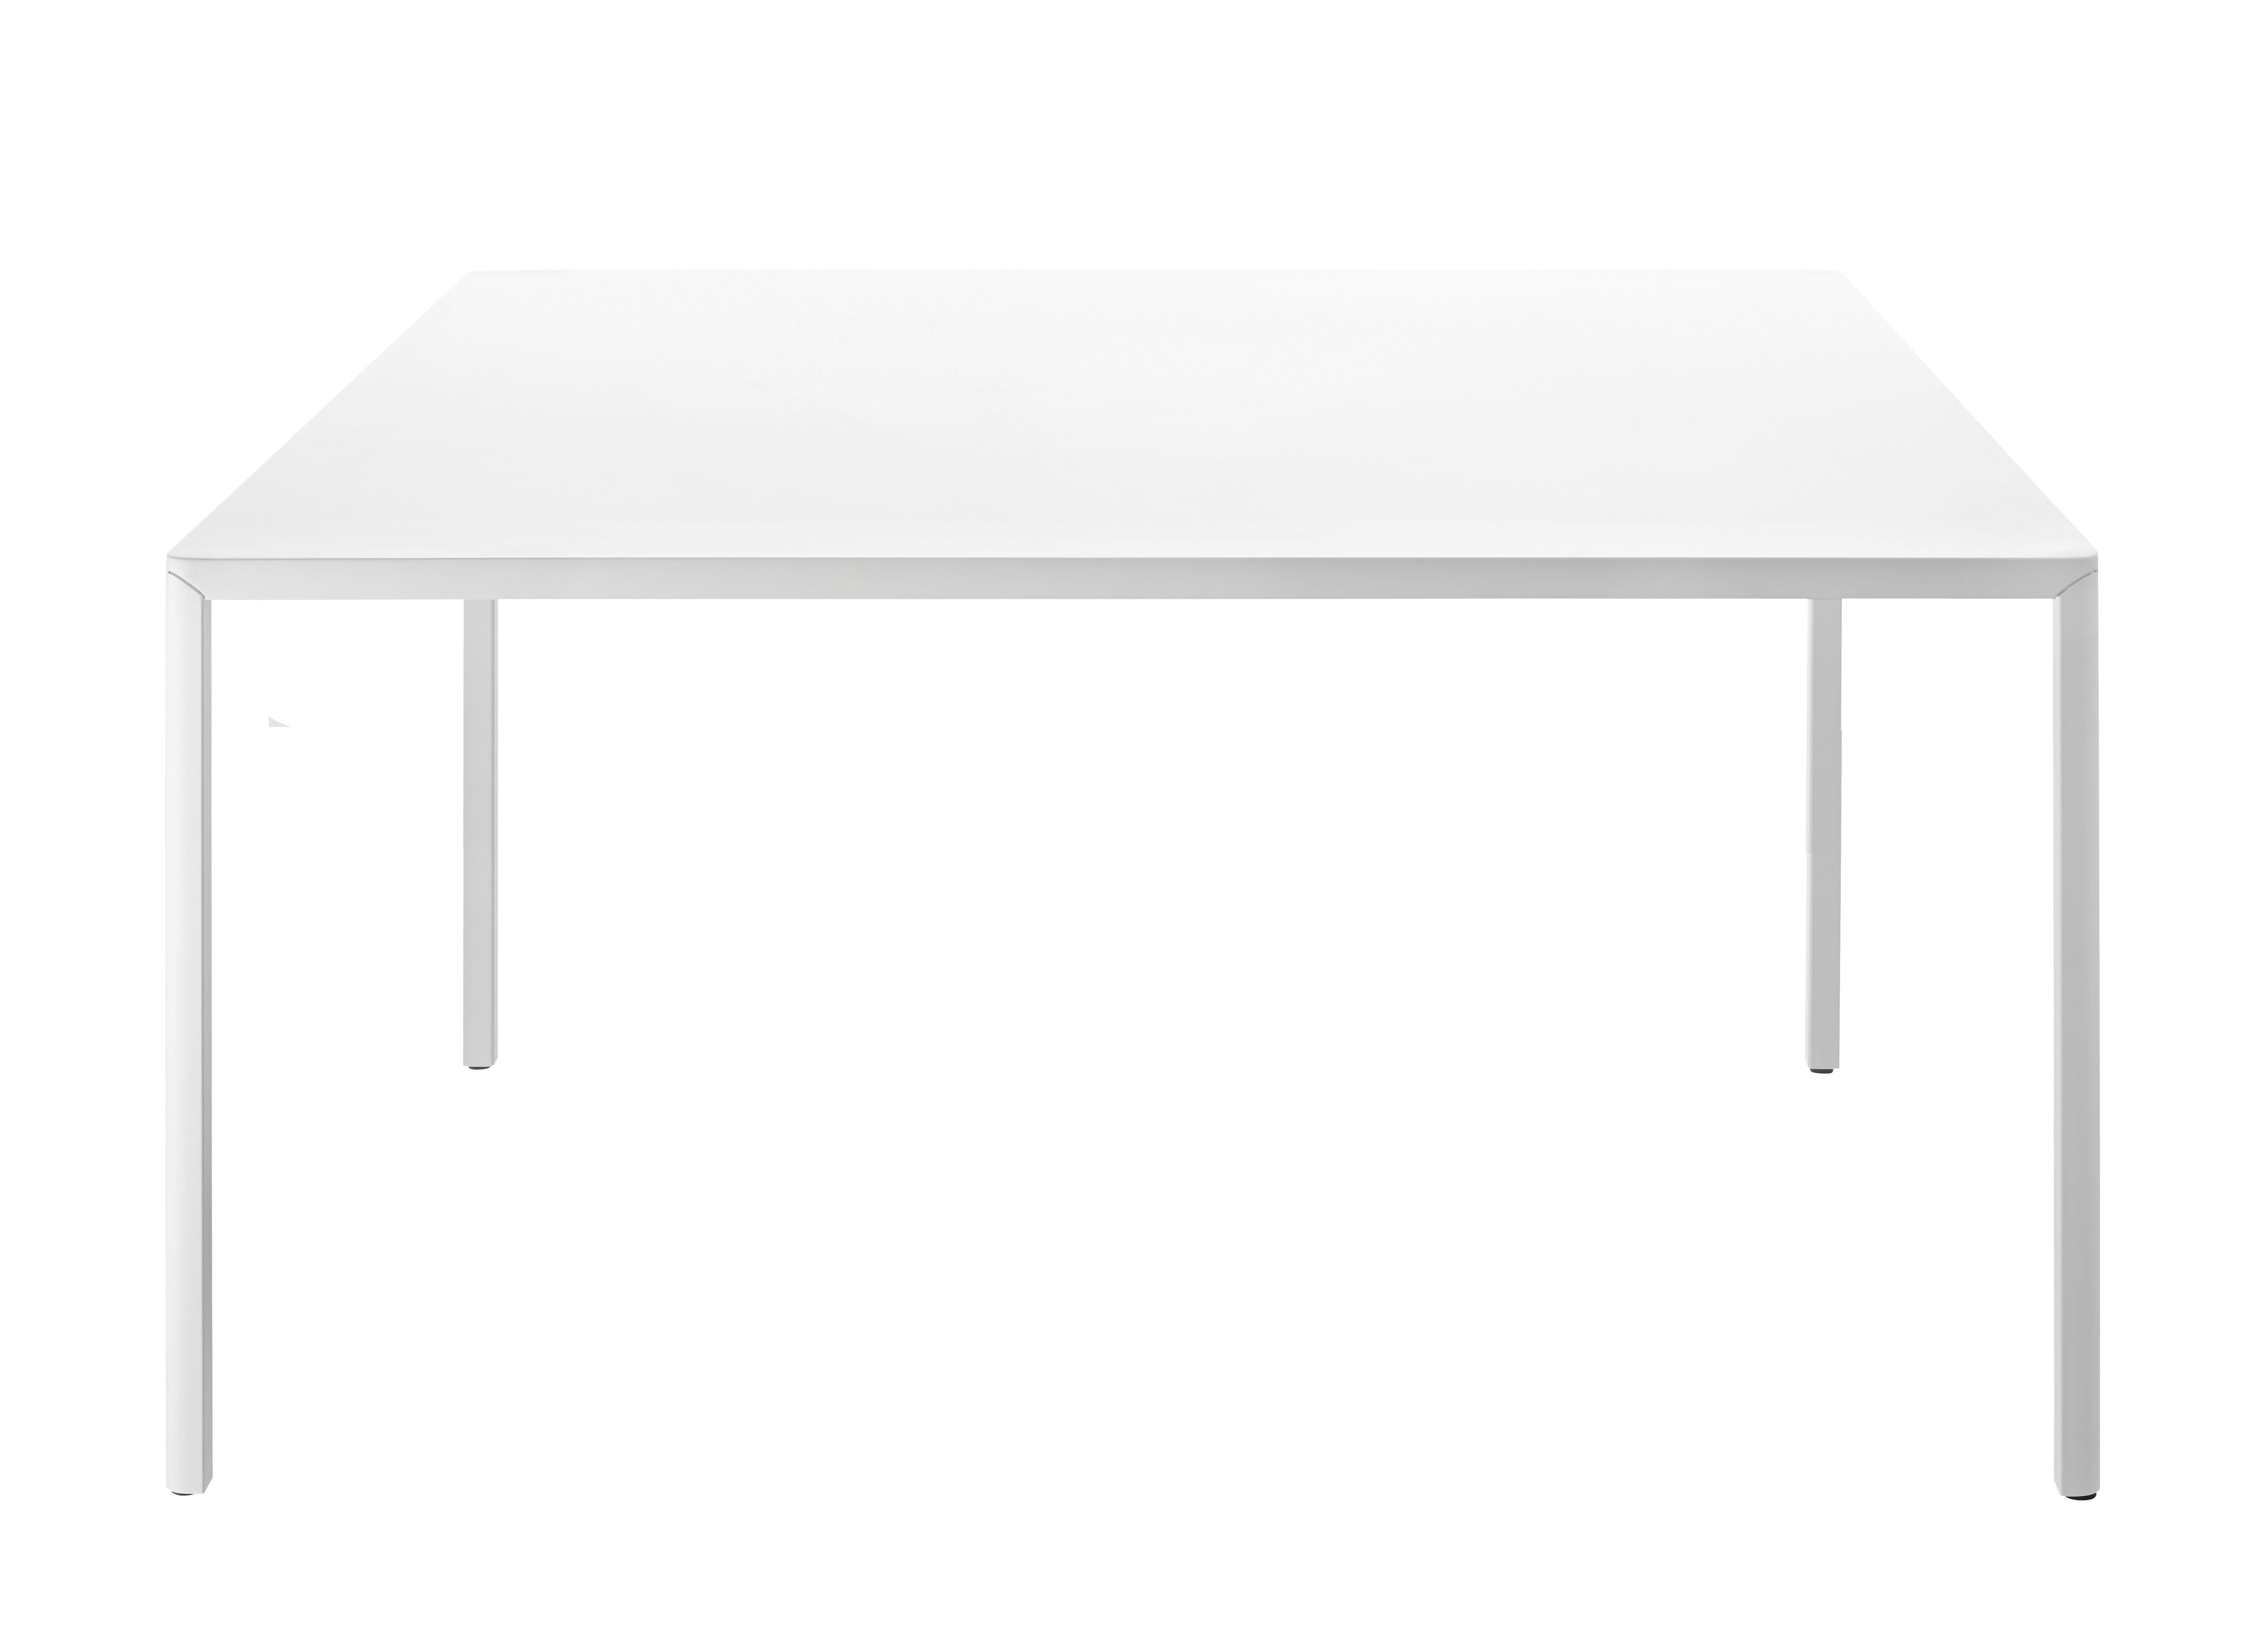 Outdoor - Tavoli  - Tavolo rettangolare Passe-partout Outdoor - / 180 x 90 cm di Magis - Bianco - Acciaio verniciato, alluminio verniciato